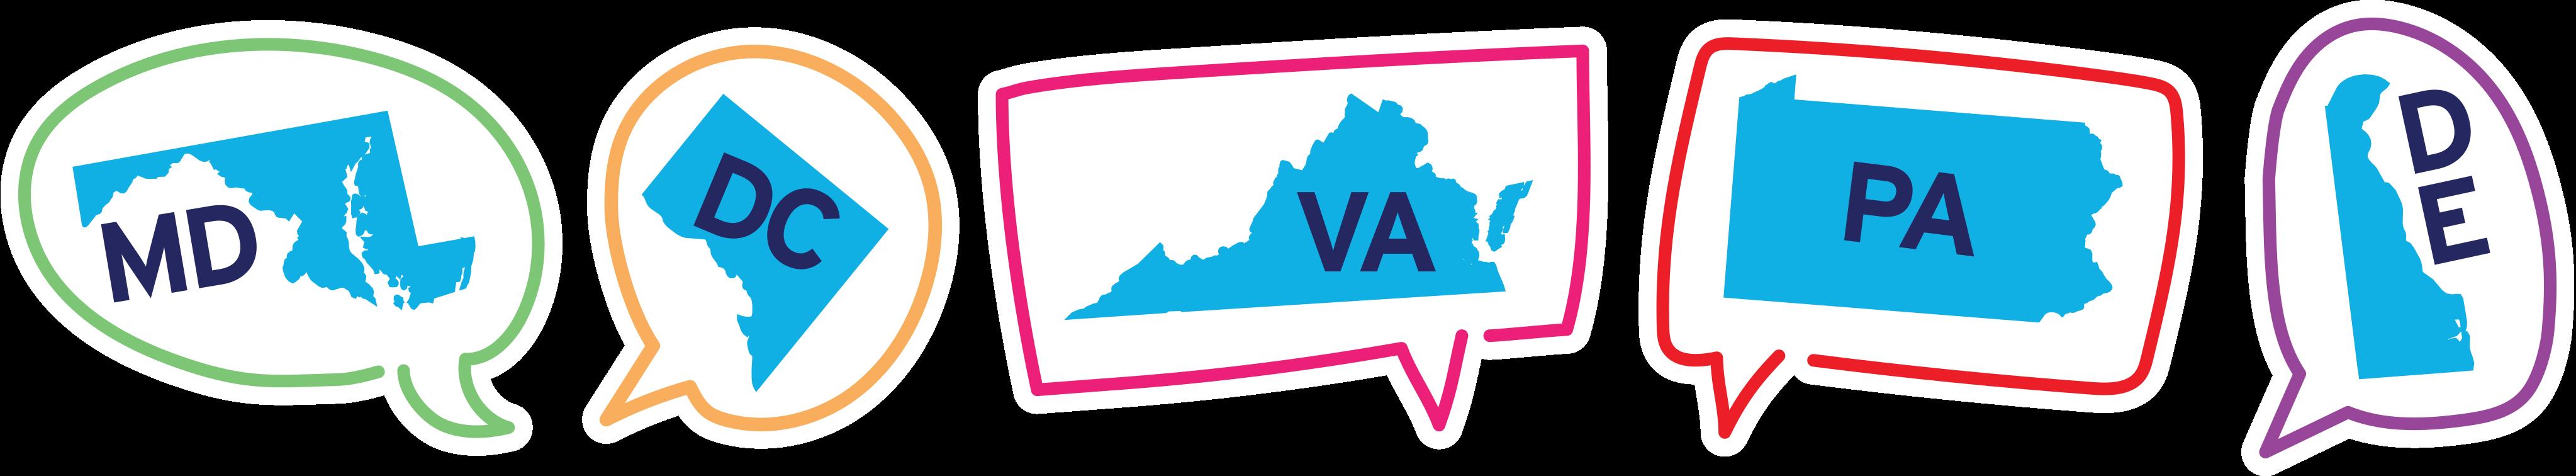 Verbal-Beginnings-locations-MD-DC-VA-PA-DE